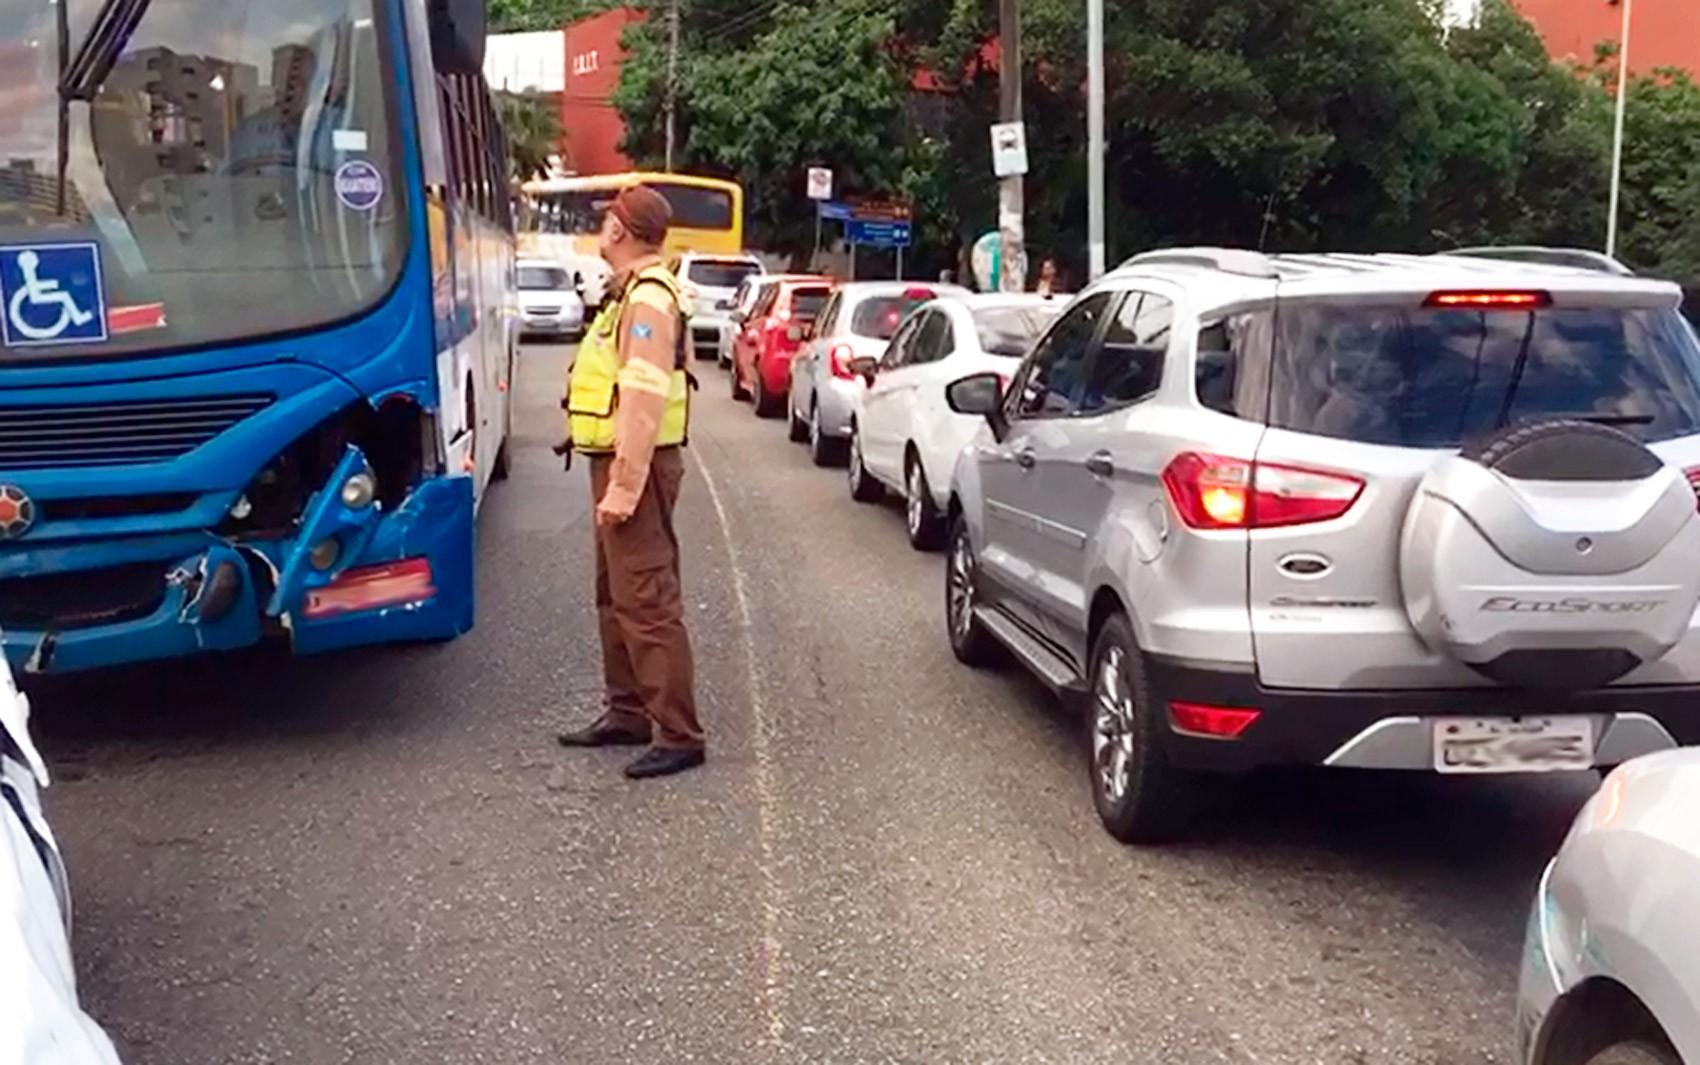 Acidente entre ônibus e carros deixa trânsito lento no bairro da Federação, em Salvador